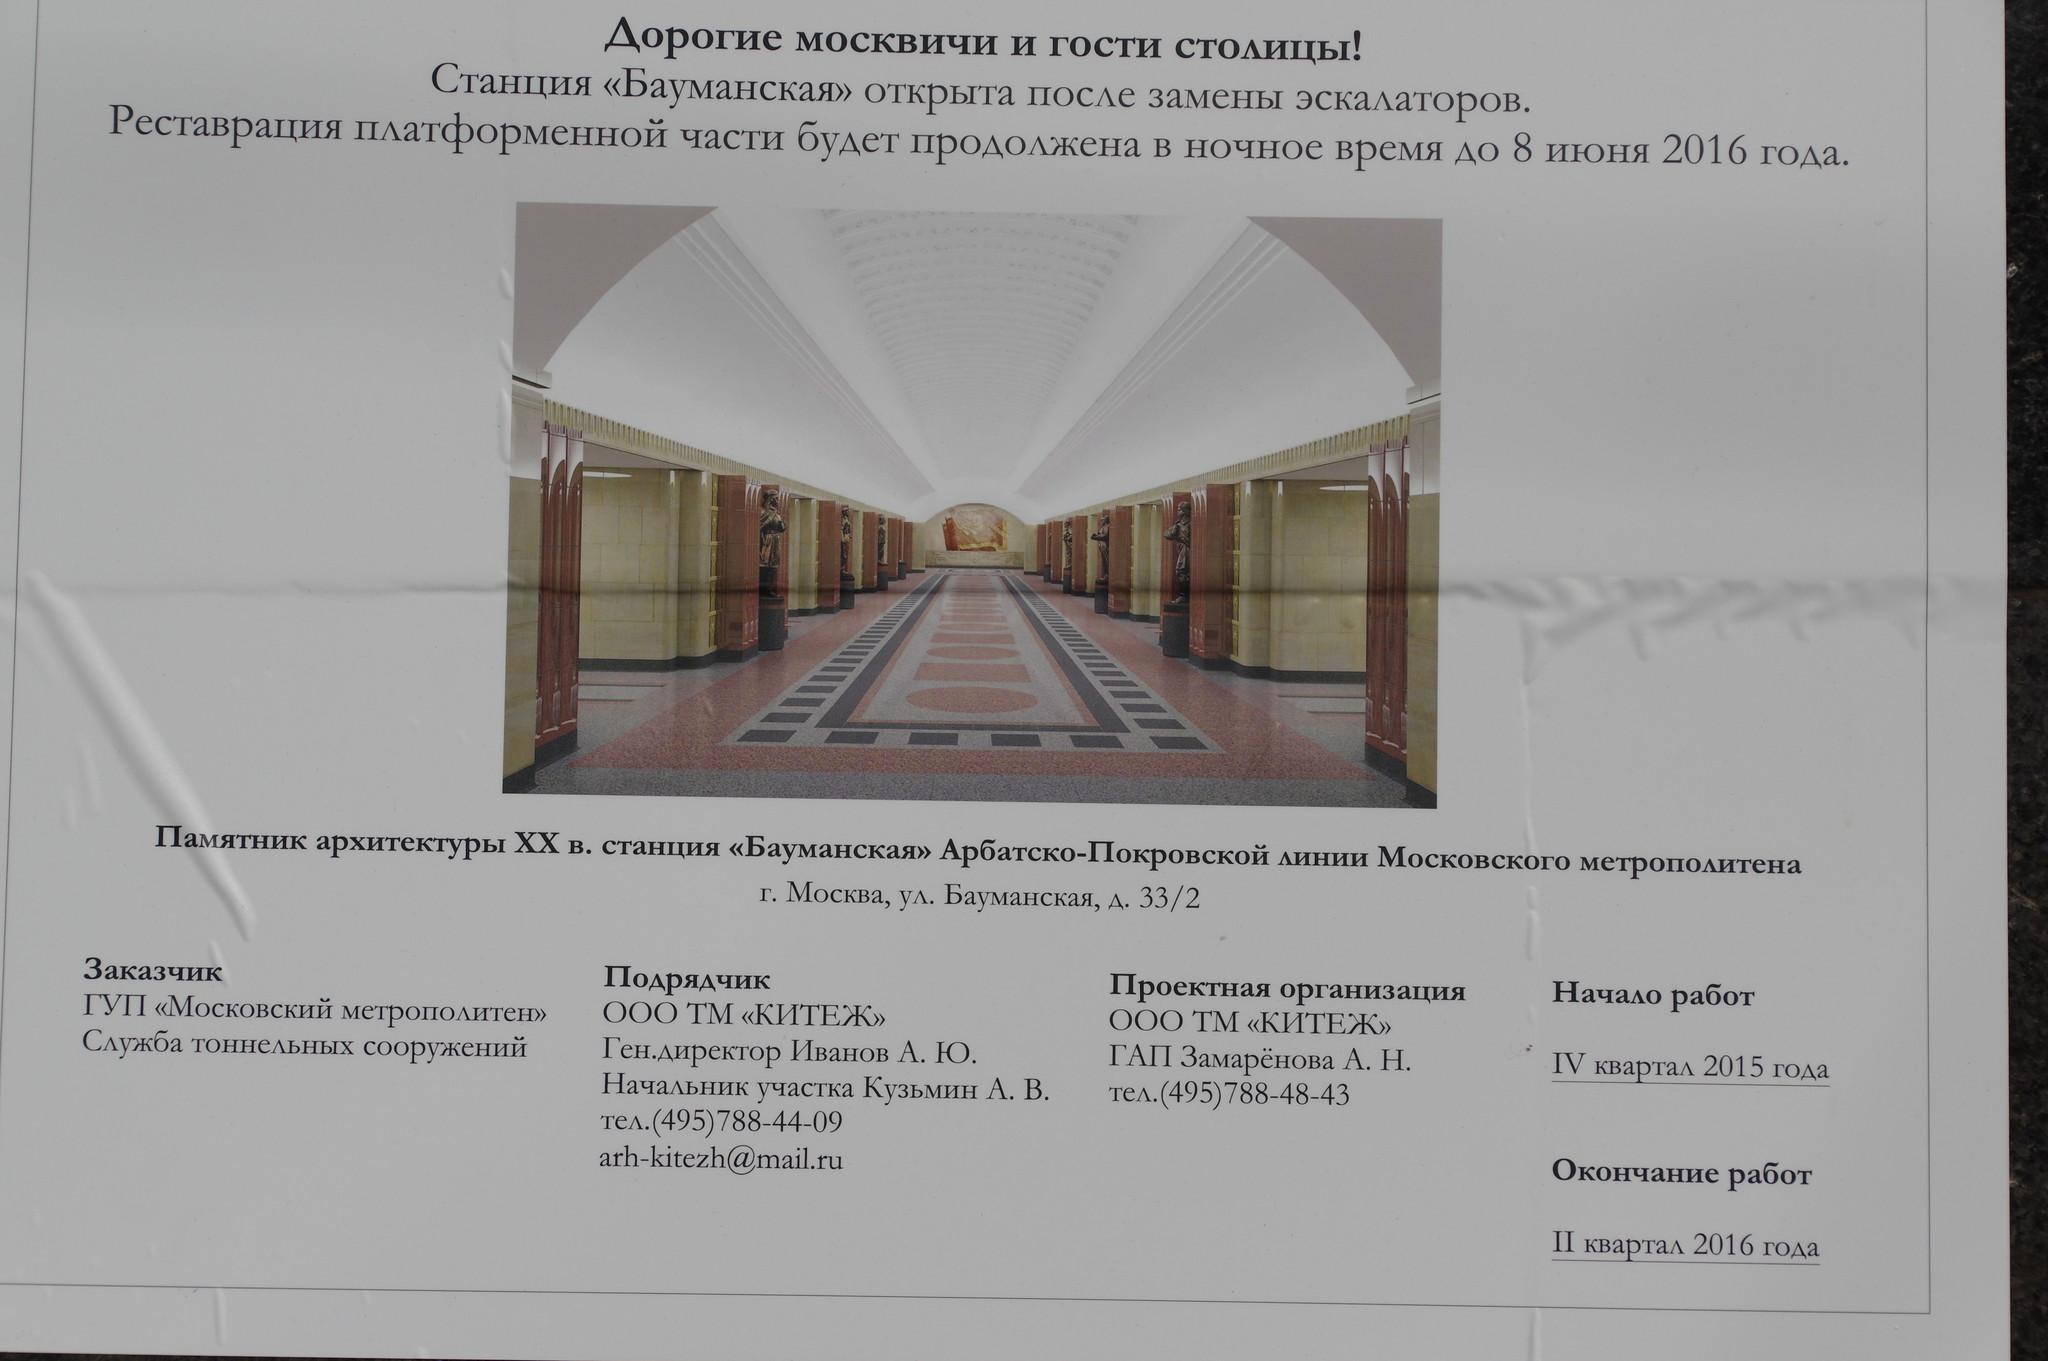 Станция «Бауманская» Арбатско-Покровской линии Московского метрополитена